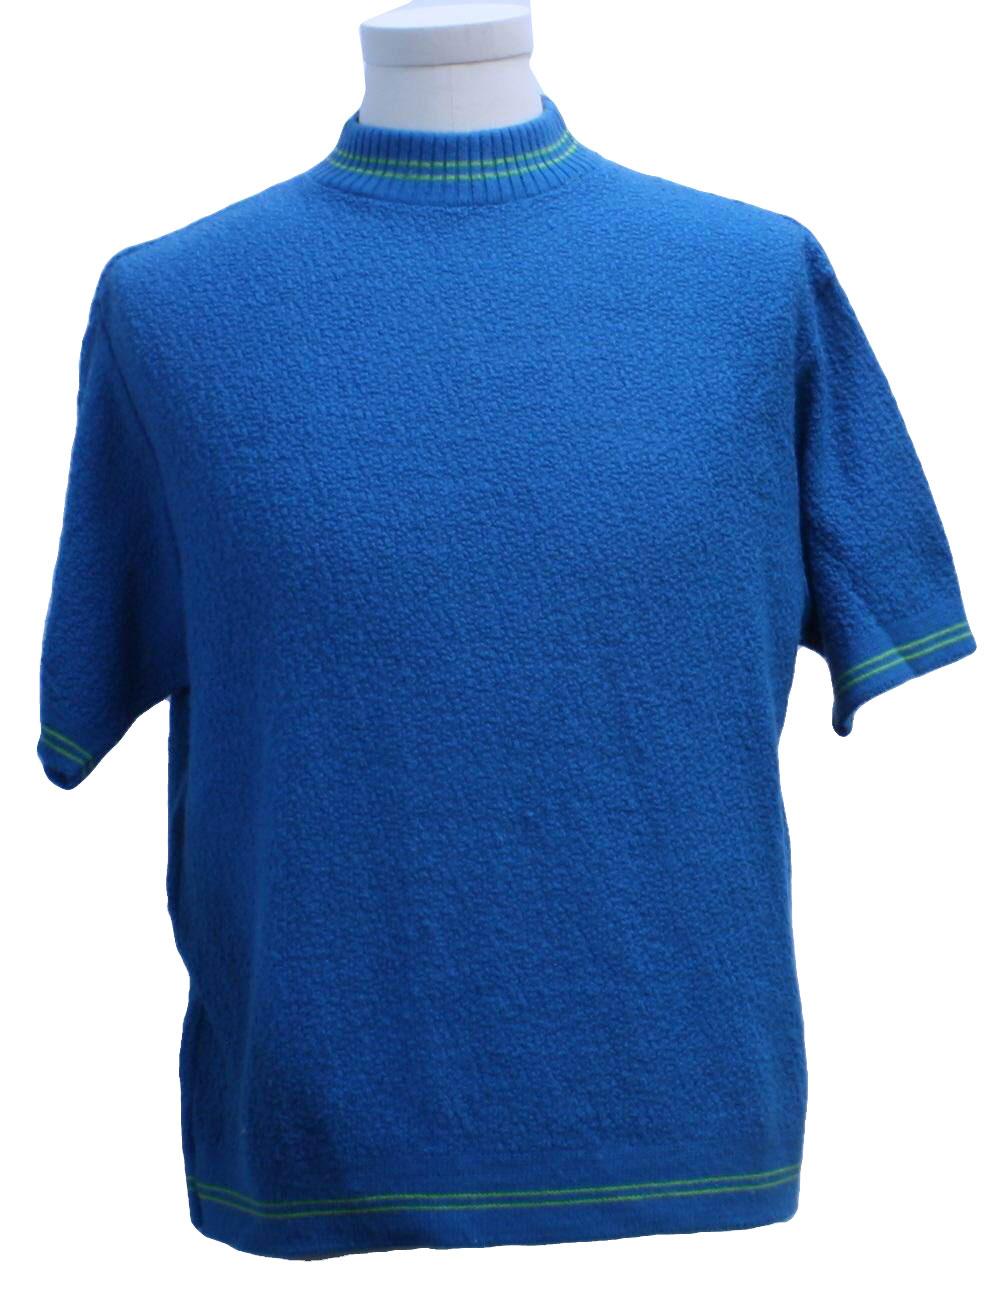 Jockey sportswear sixties vintage knit shirt 60s jockey for Jockey full sleeve t shirts india